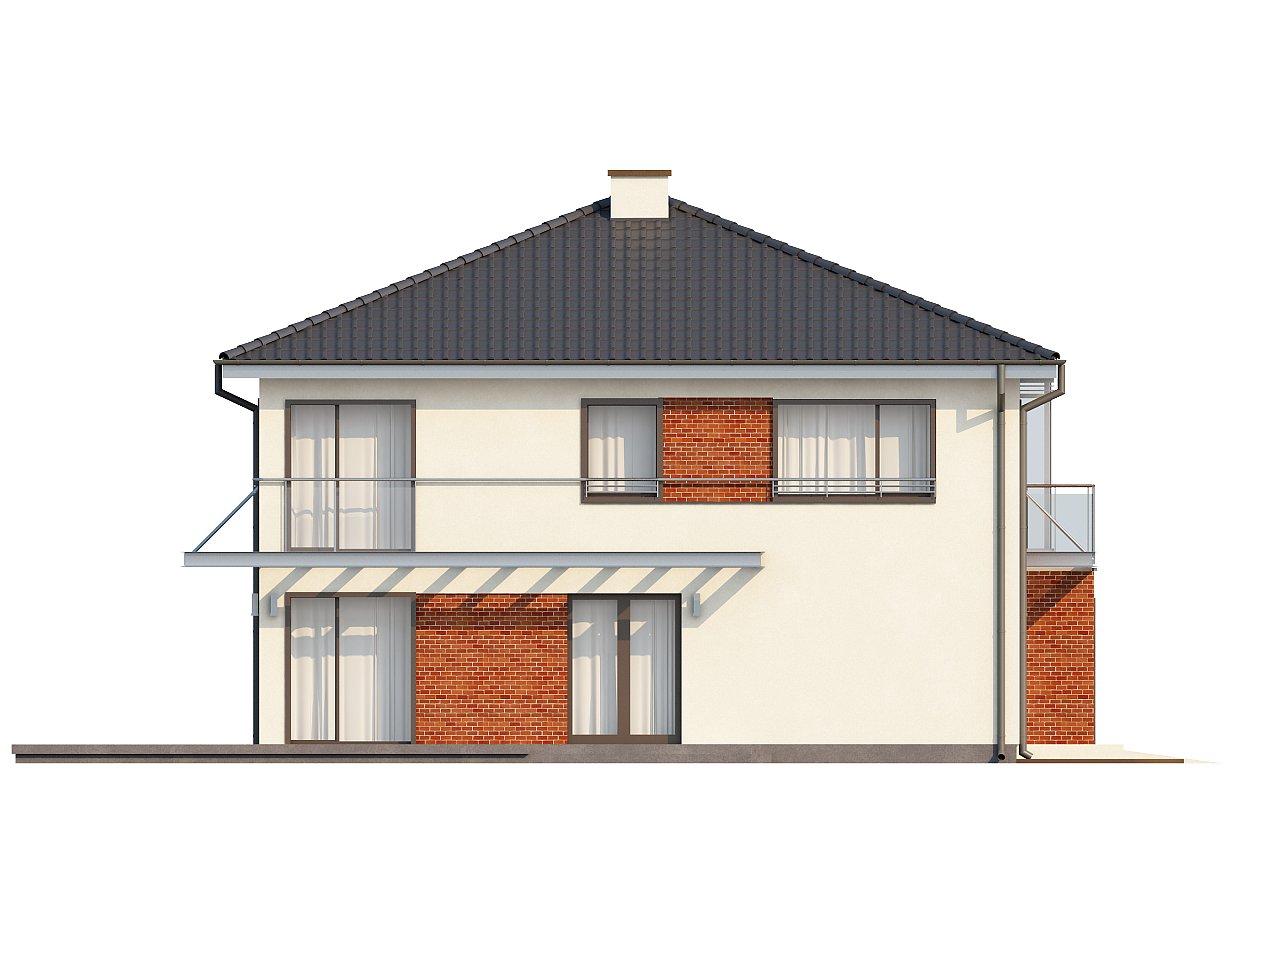 Комфортабельный двухэтажный дом простой формы со стеклянным эркером над гаражом. - фото 4